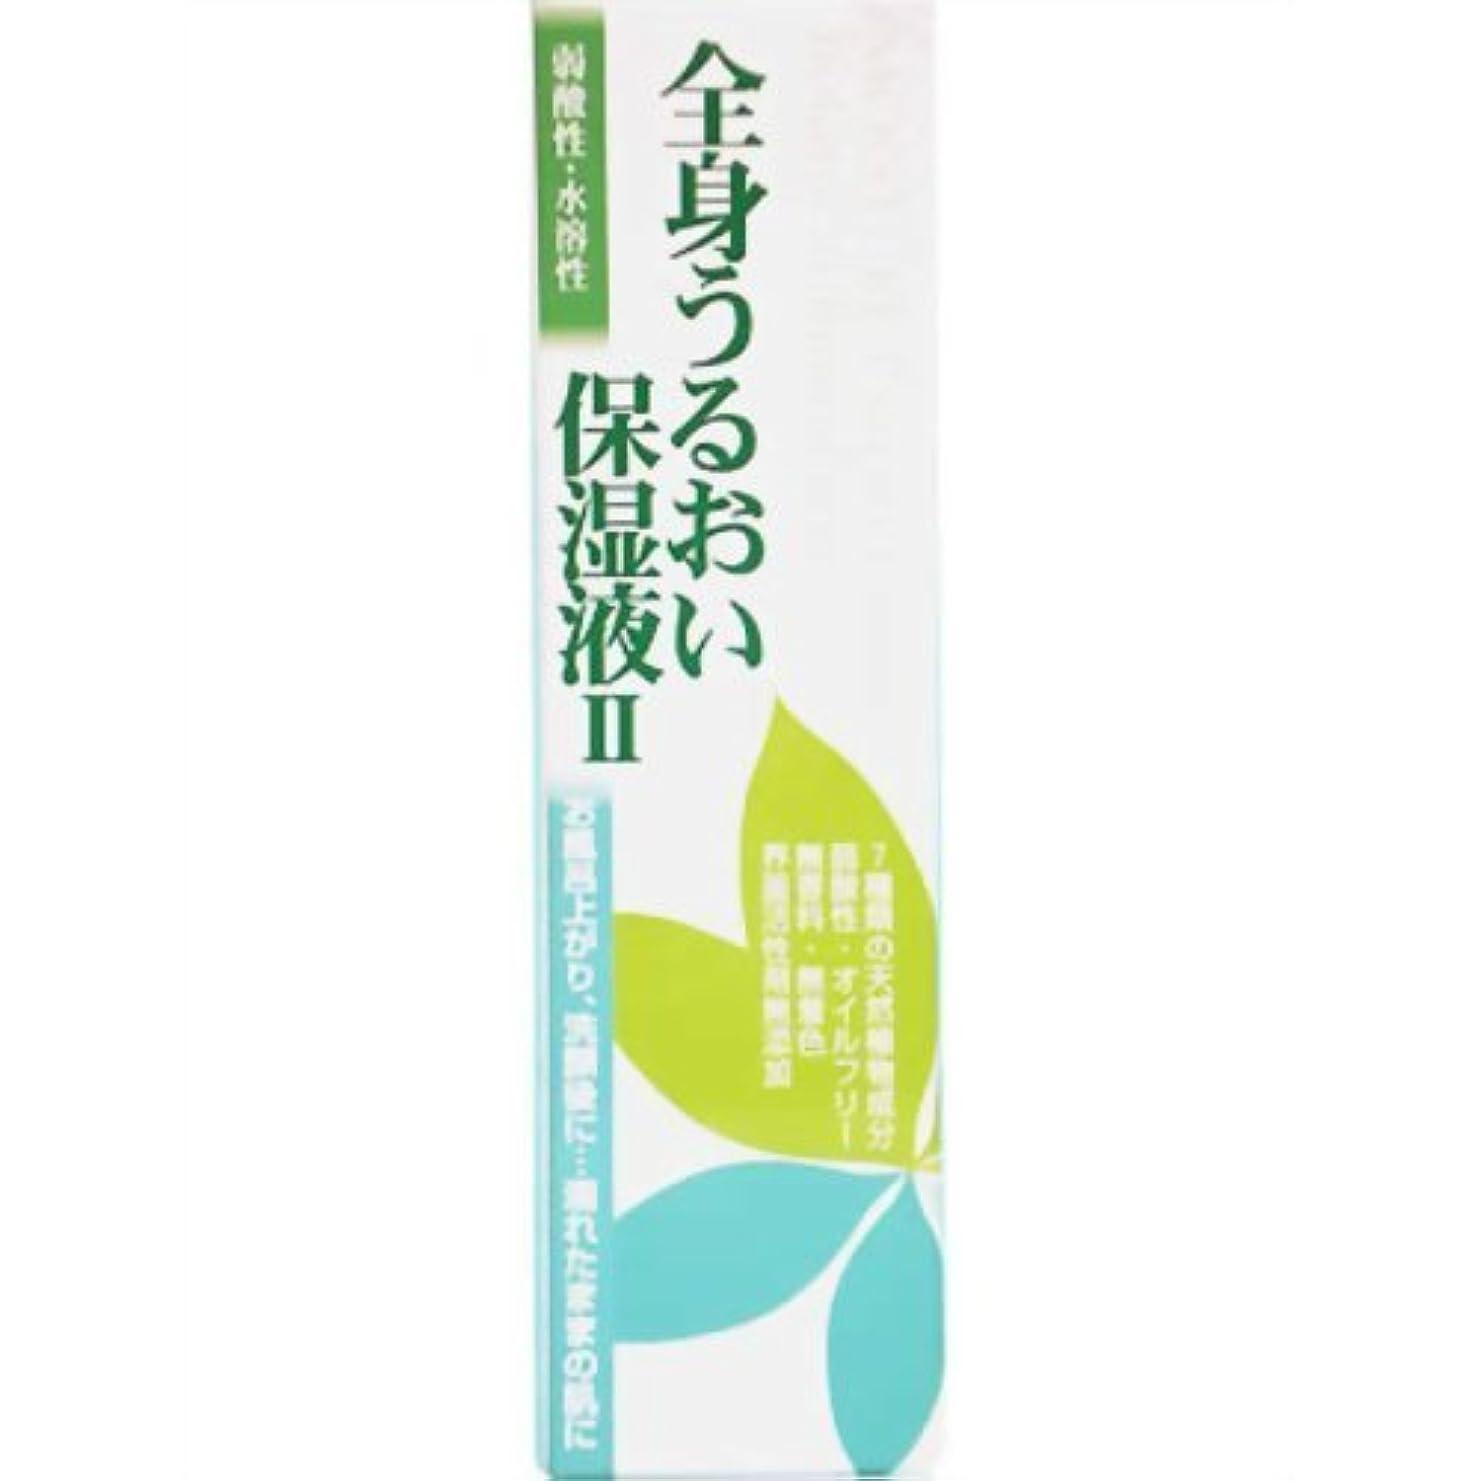 マーベル他の日ダニ全身うるおい保湿液(まろやか薬用スキントリートメント) 250ml